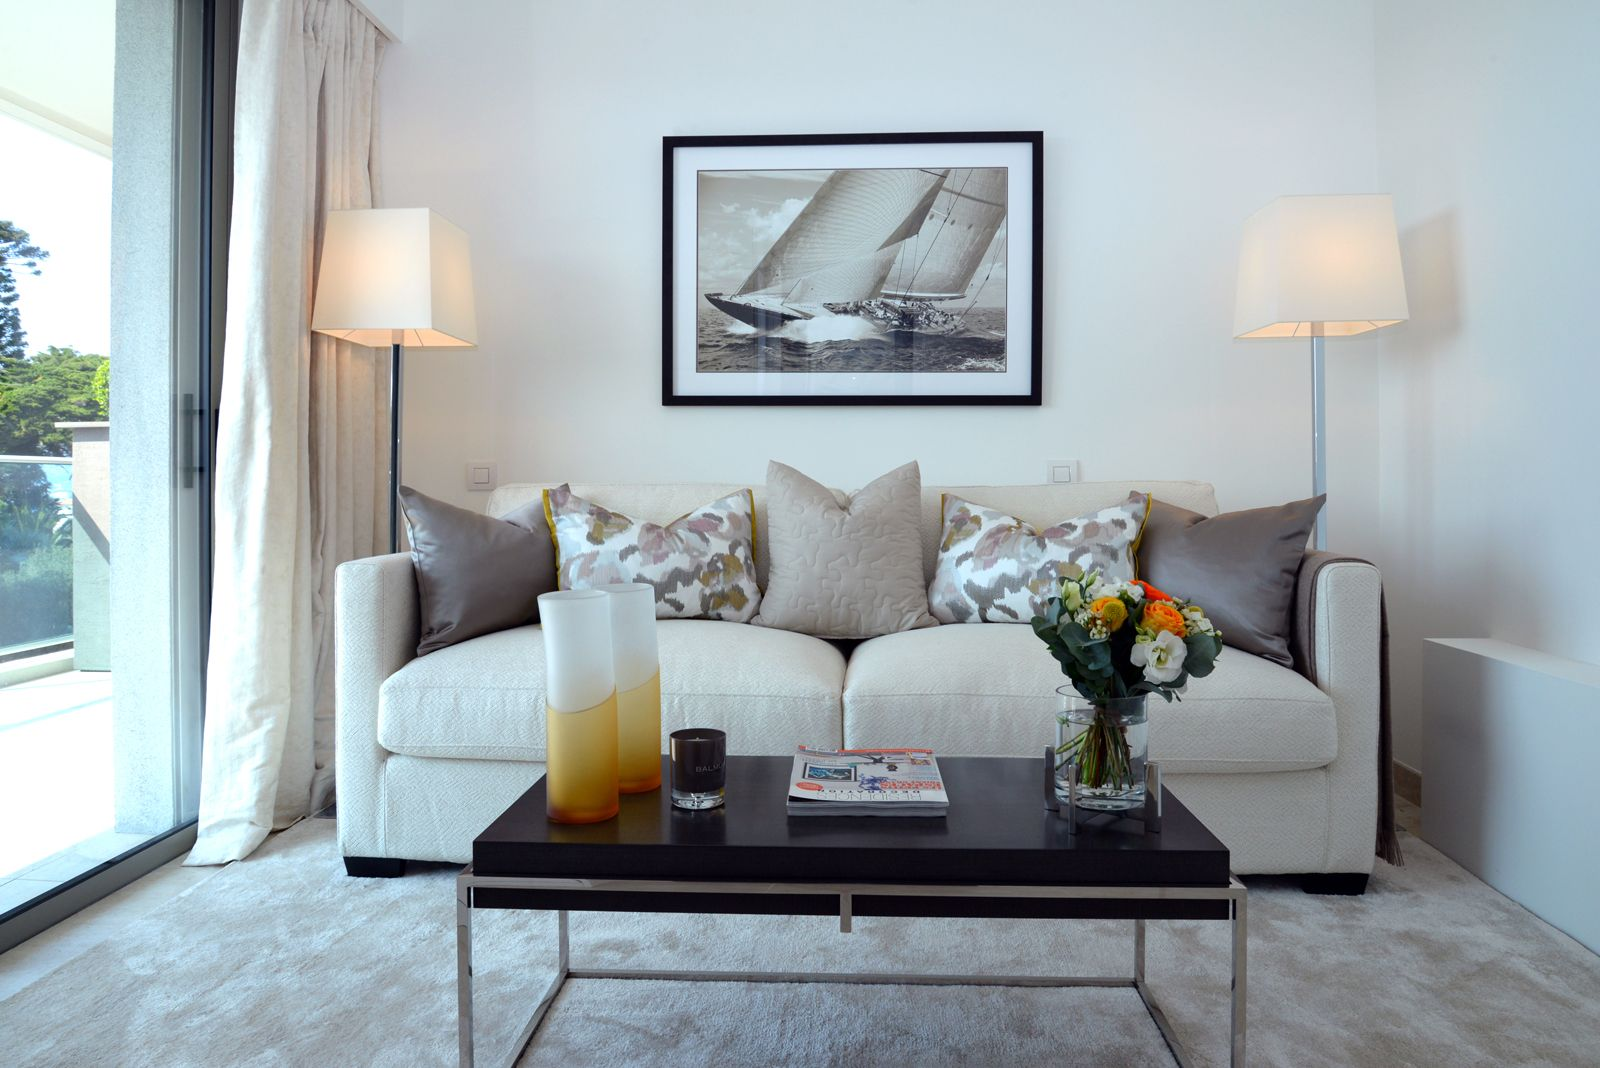 cap d 39 antibes d coration d 39 int rieur d corateurs villas et appartements de luxe. Black Bedroom Furniture Sets. Home Design Ideas